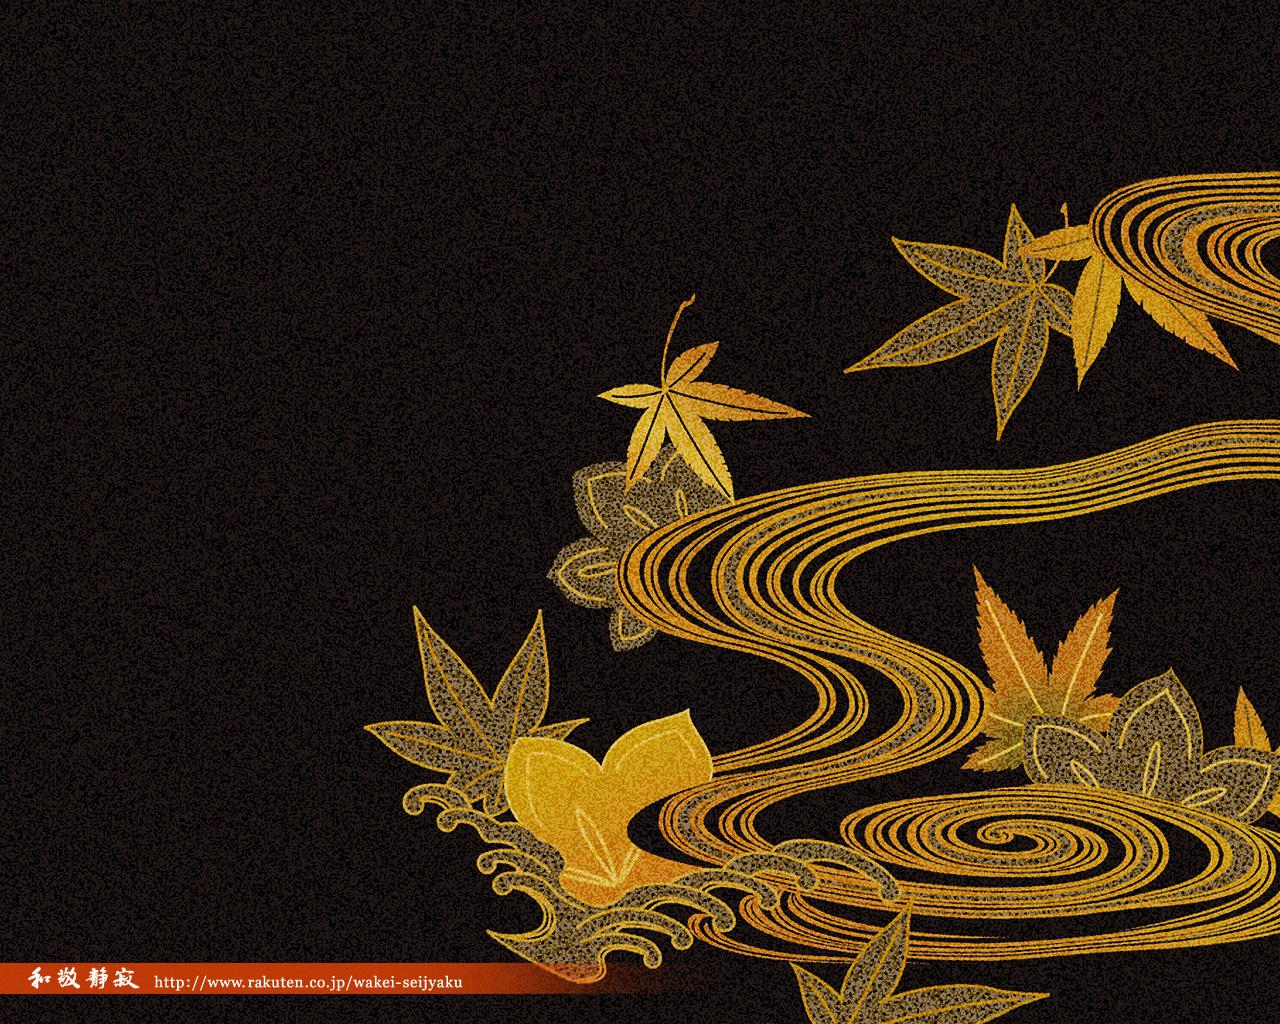 流れ紅葉 和風 和柄 日本的 テイストなpcデスクトップ壁紙